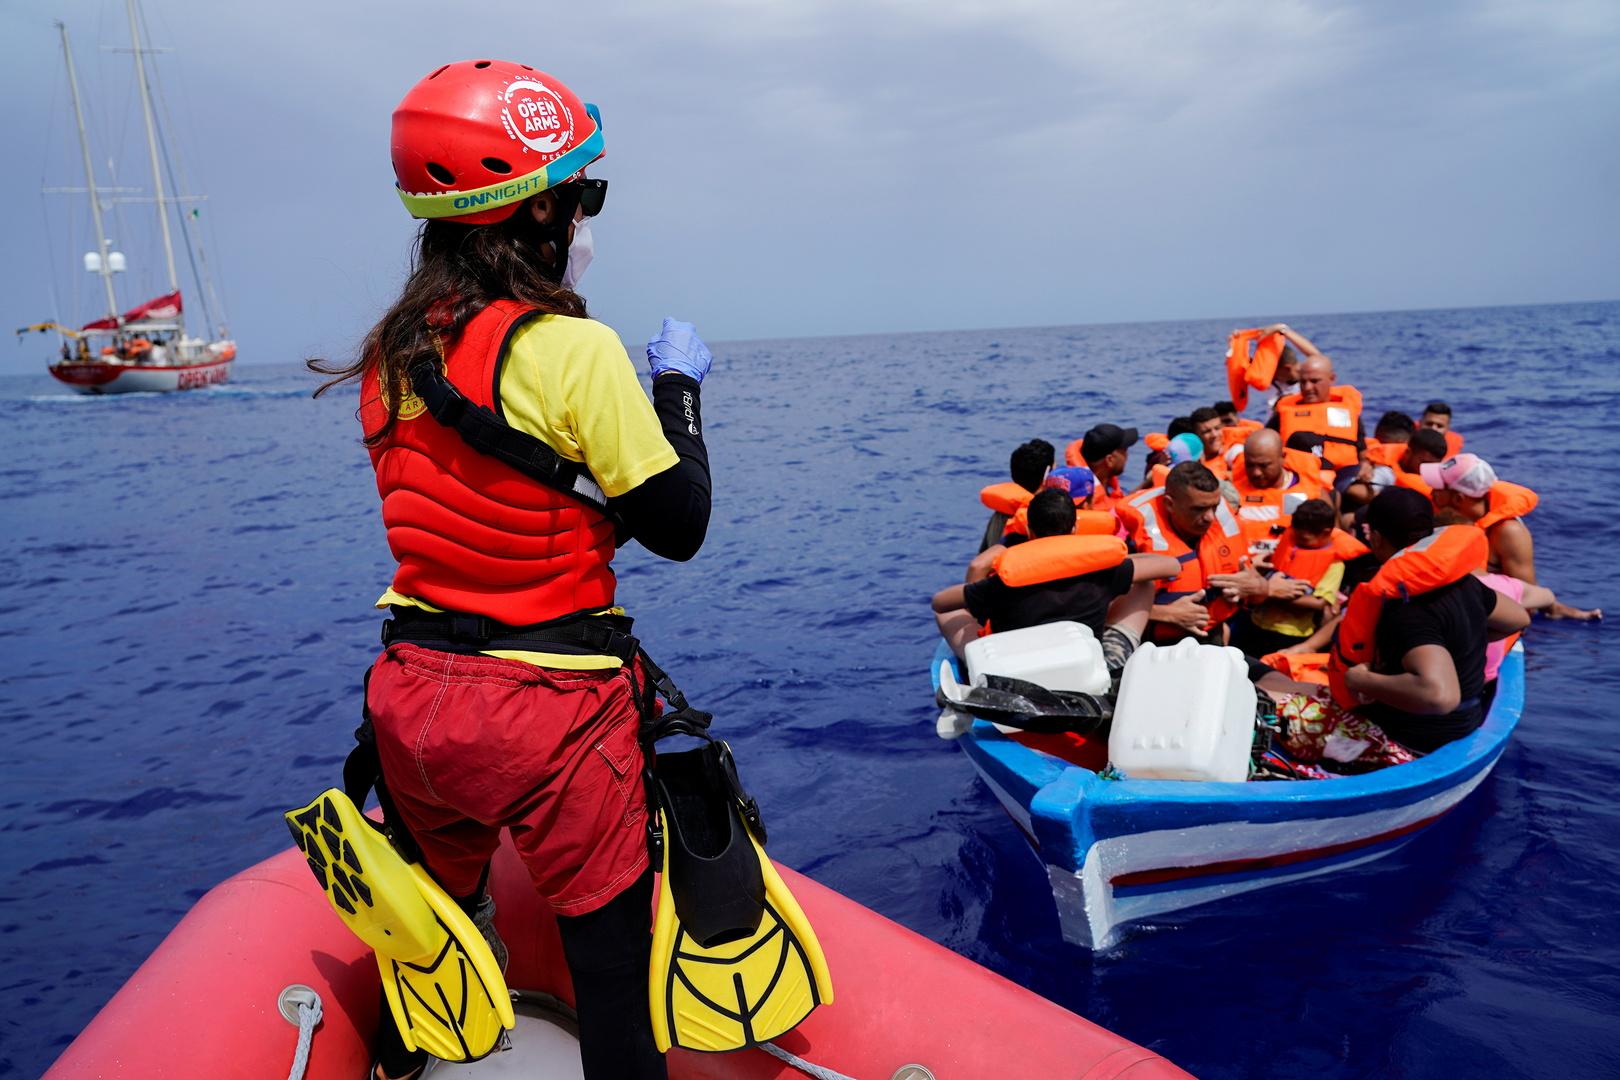 وصول أكثر من 500 مهاجر إلى جزيرة لامبيدوزا الإيطالية